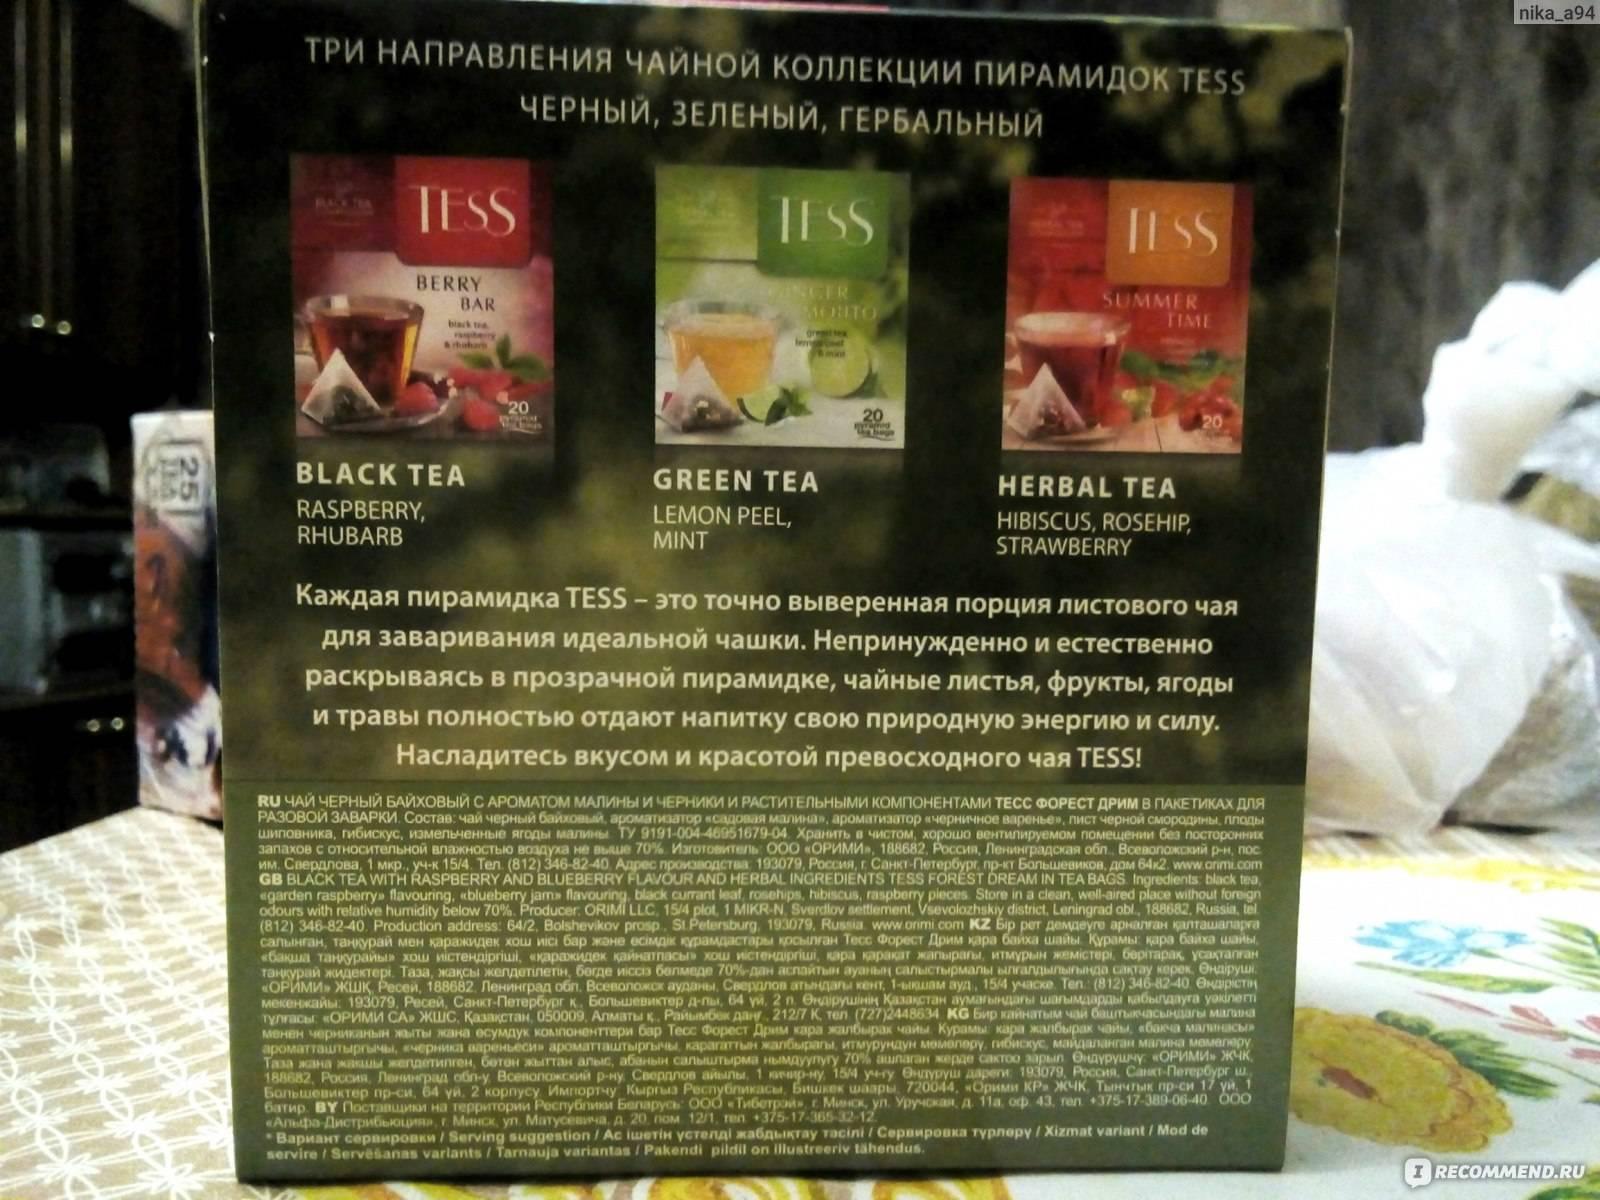 Чай tess (тесс) — особенности вкуса, польза и вред, отзывы